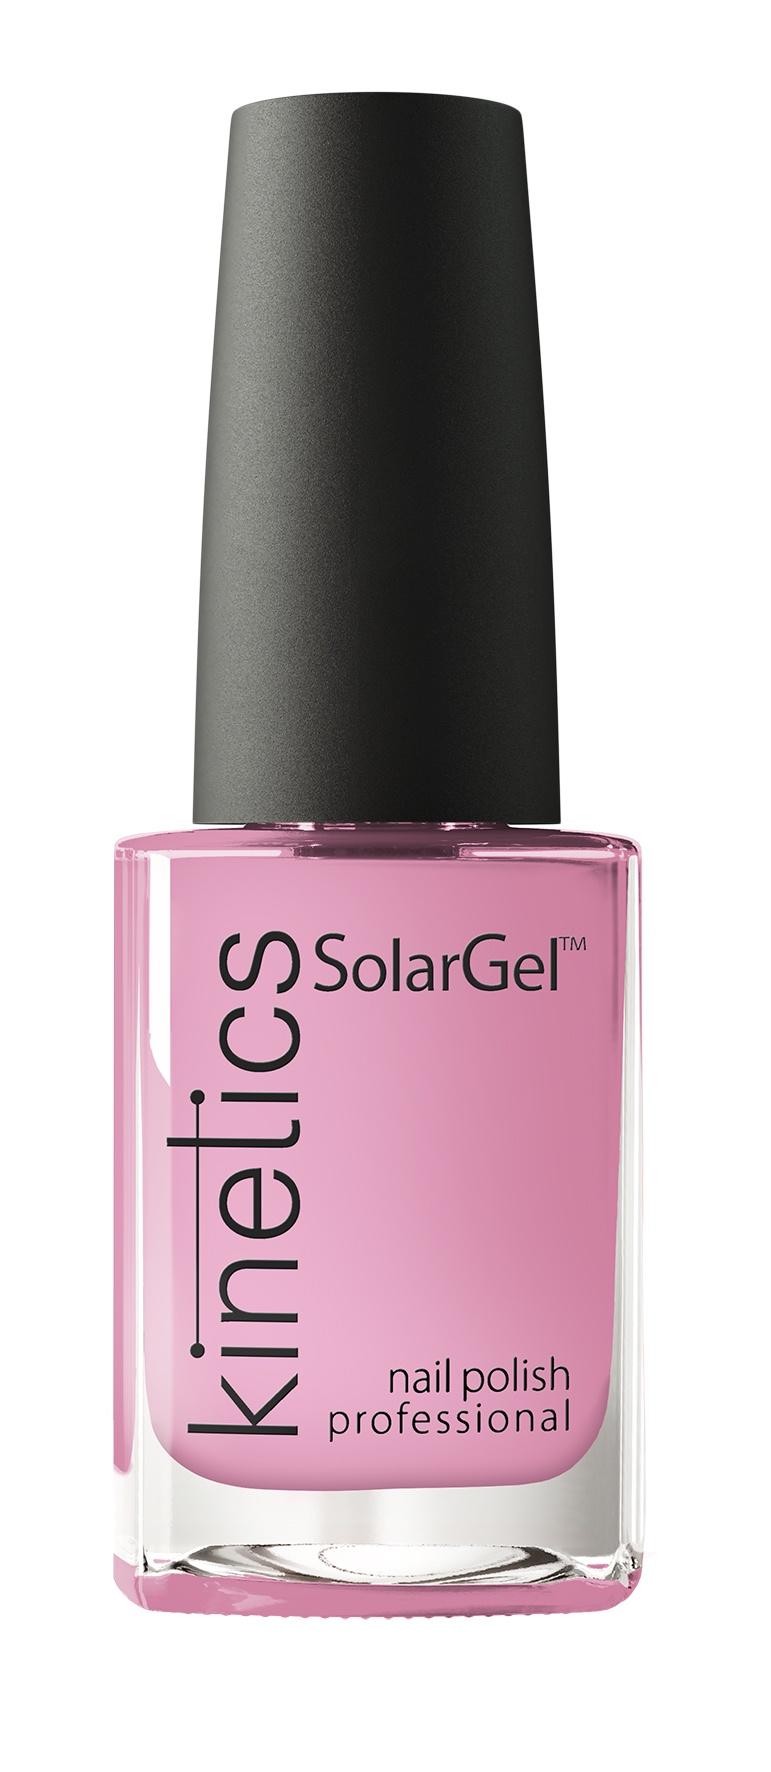 цены на Лак для ногтей Kinetics SolarGel Polish 15 мл, профессиональный, тон 280 French Lilac  в интернет-магазинах